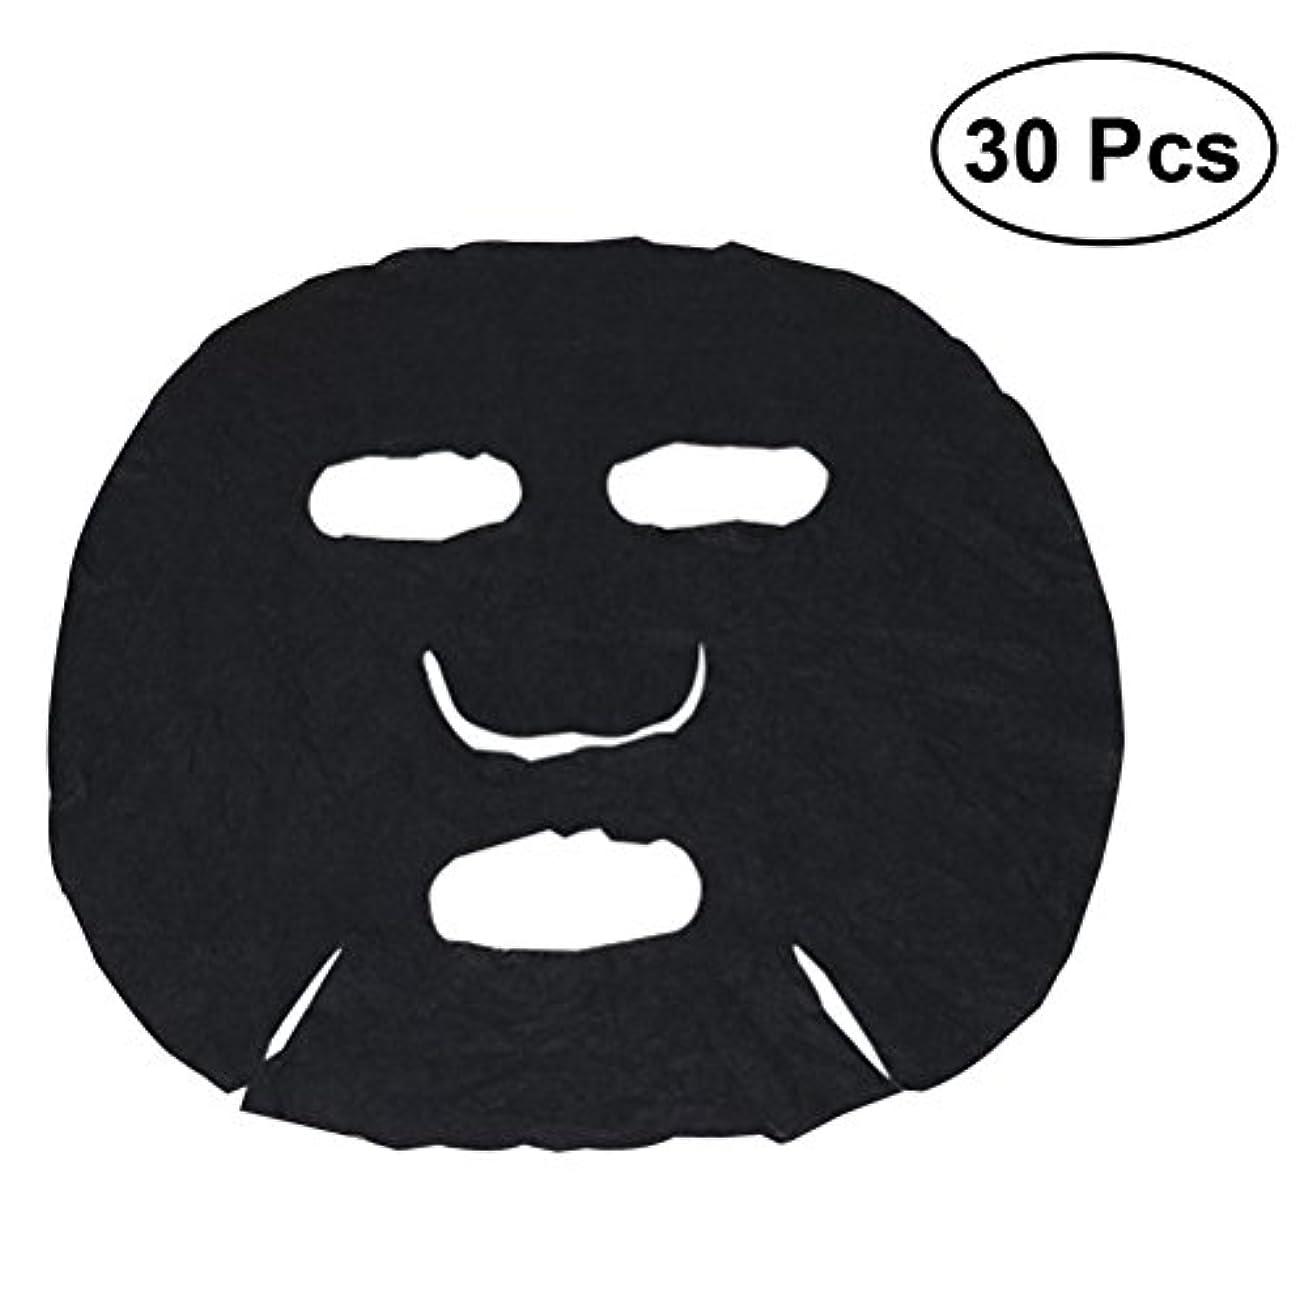 アッパー湿原情熱的Frcolor 圧縮マスク 圧縮フェイスパック 竹炭 圧縮マスクシート スキンケア DIY 30枚入り 携帯便利 使い捨て